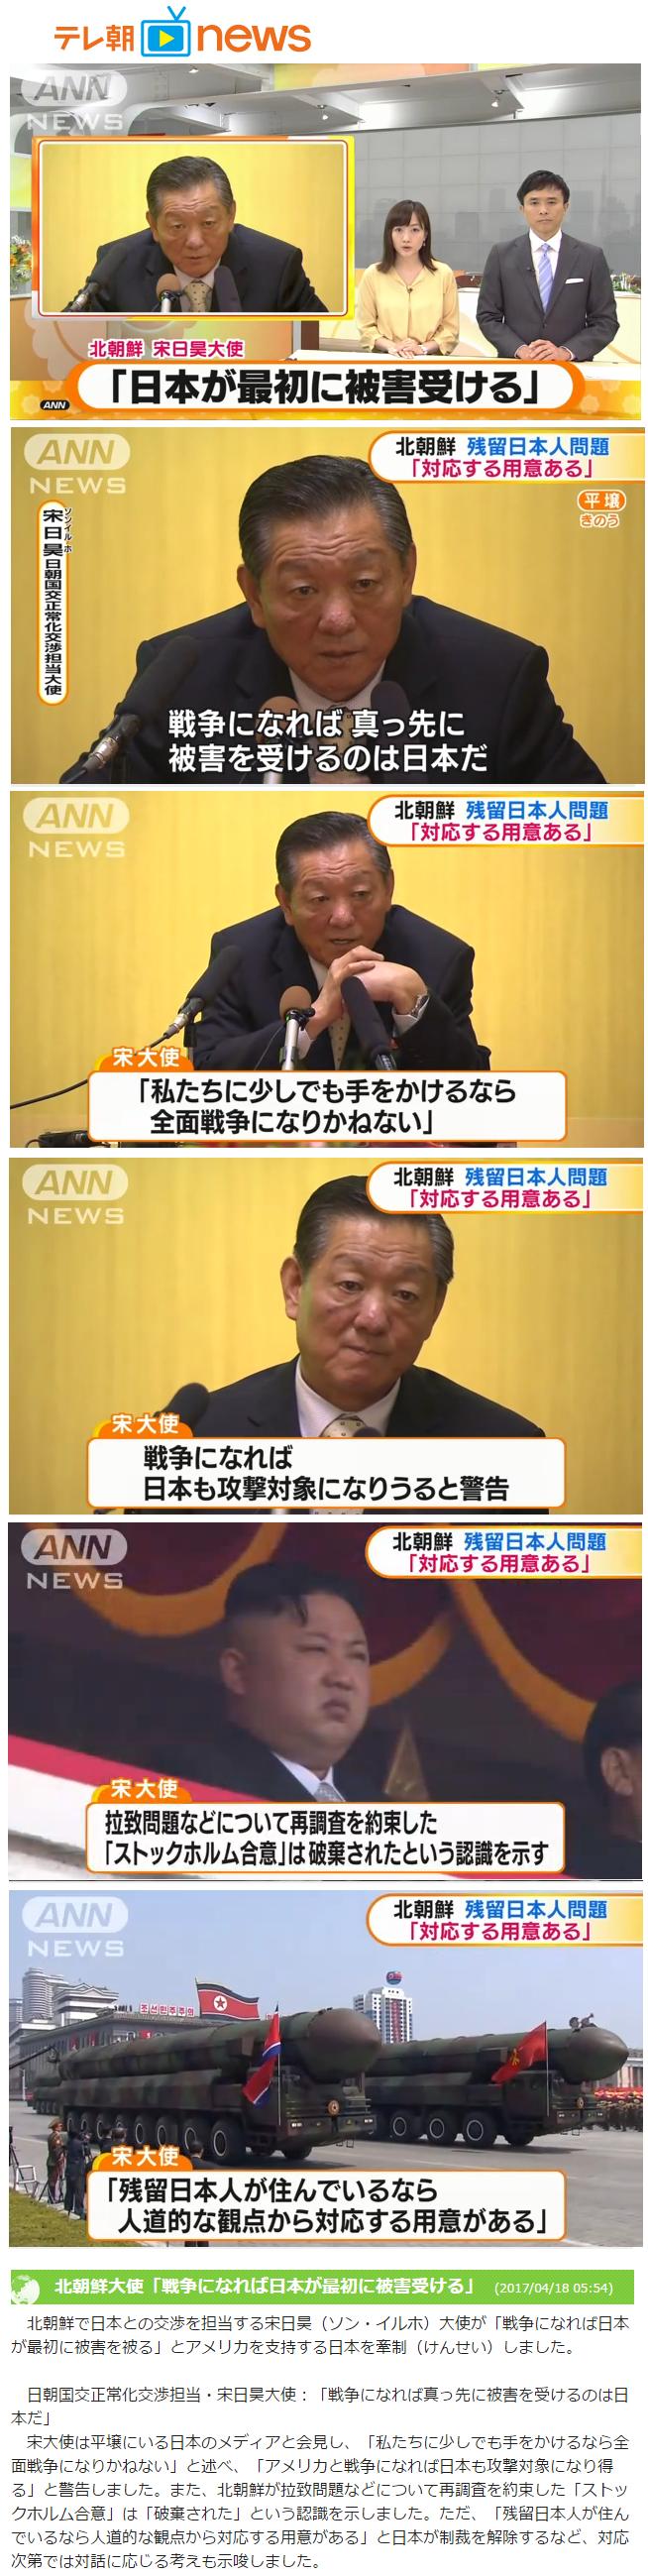 テレチョン「北朝鮮が米朝戦争になったら真っ先に日本を攻撃する」